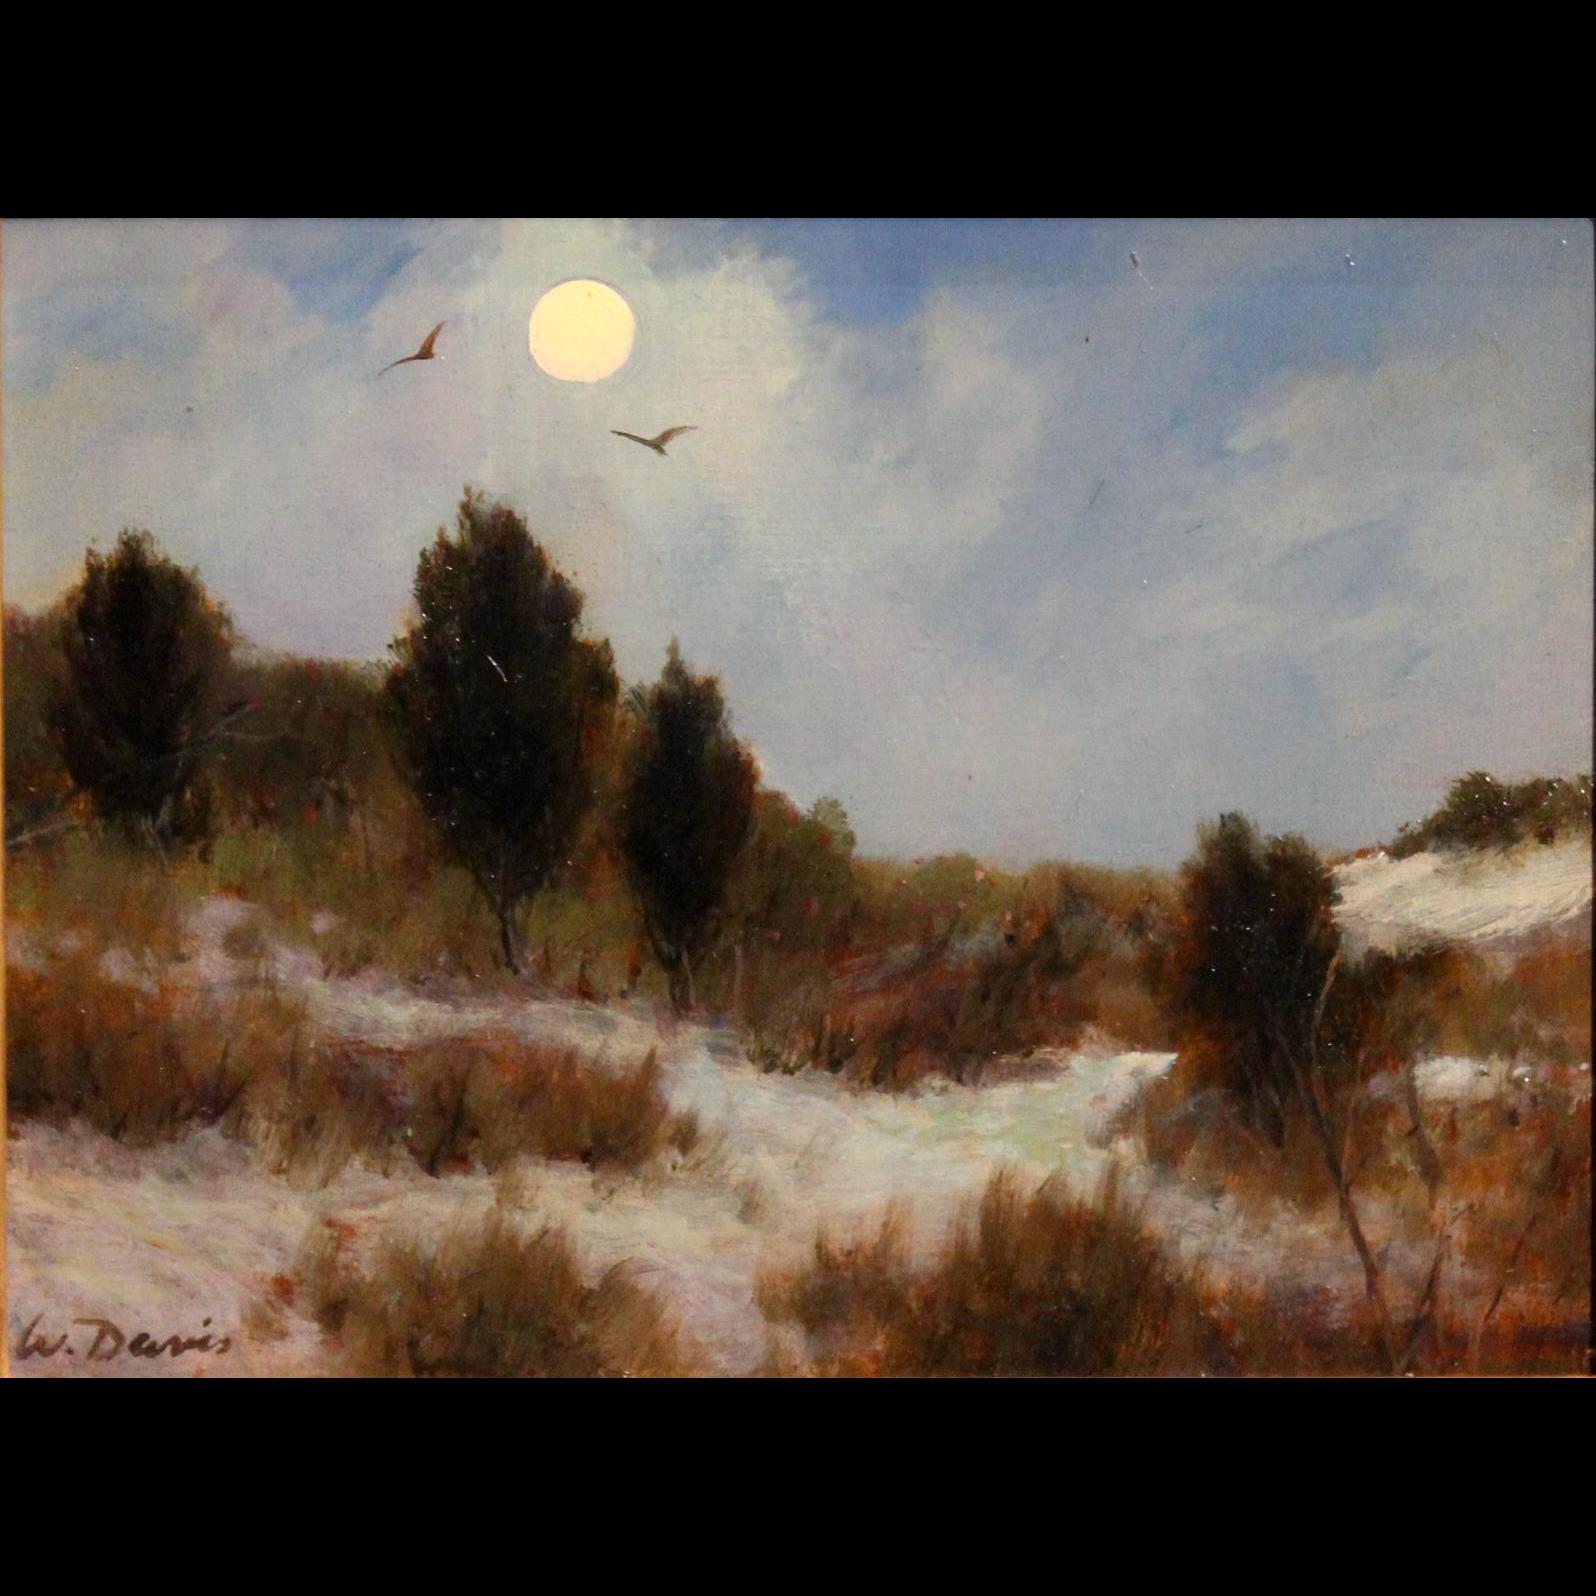 William R. Davis Landscape Oil Painting - Moonlight Dunes